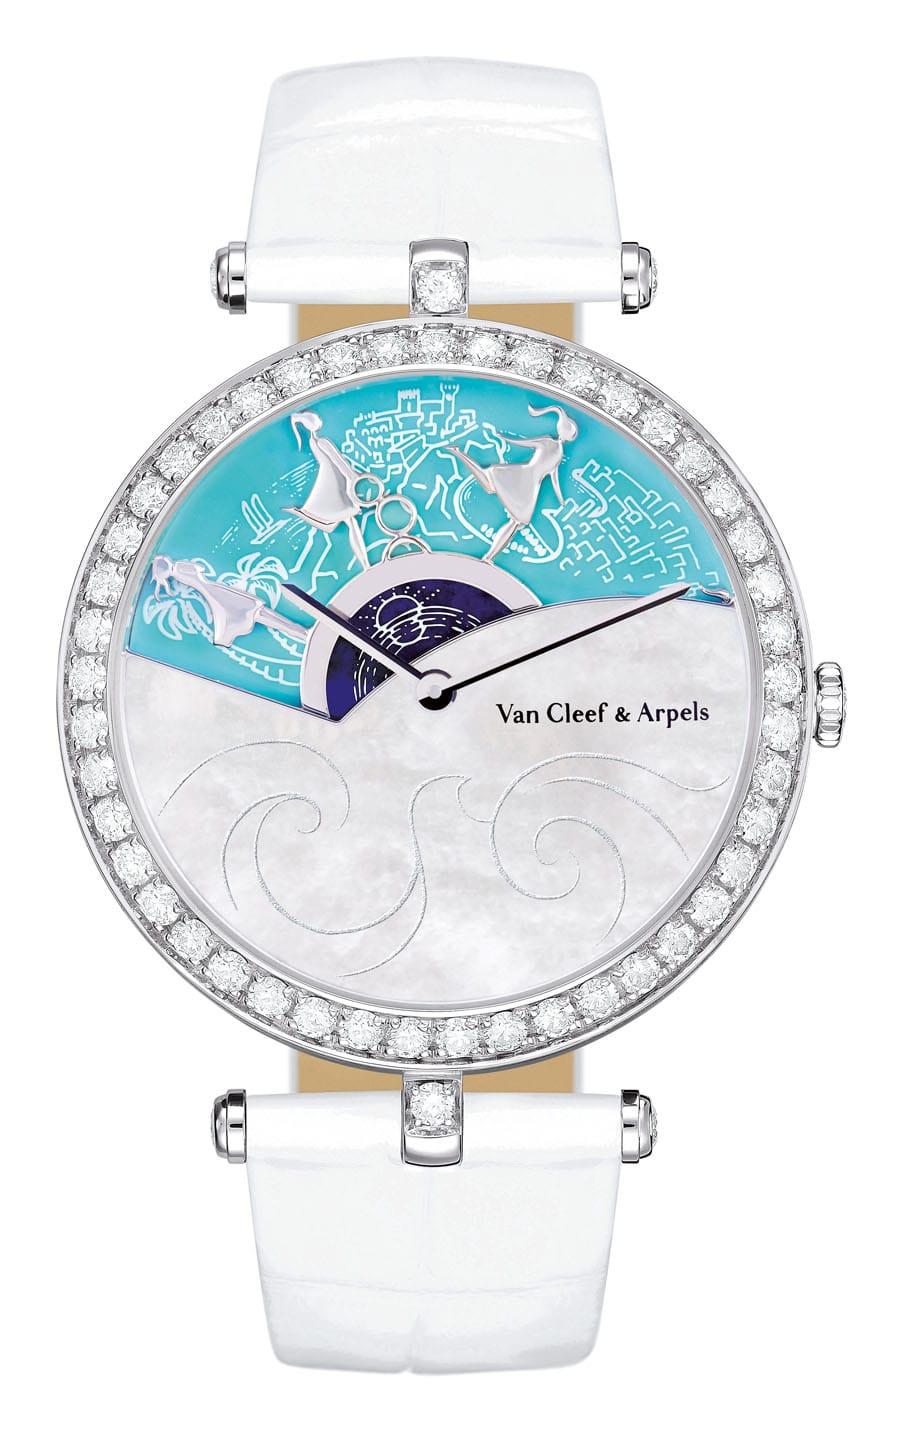 Van Cleef & Arpels: Lady Arpels Une journée à Monaco